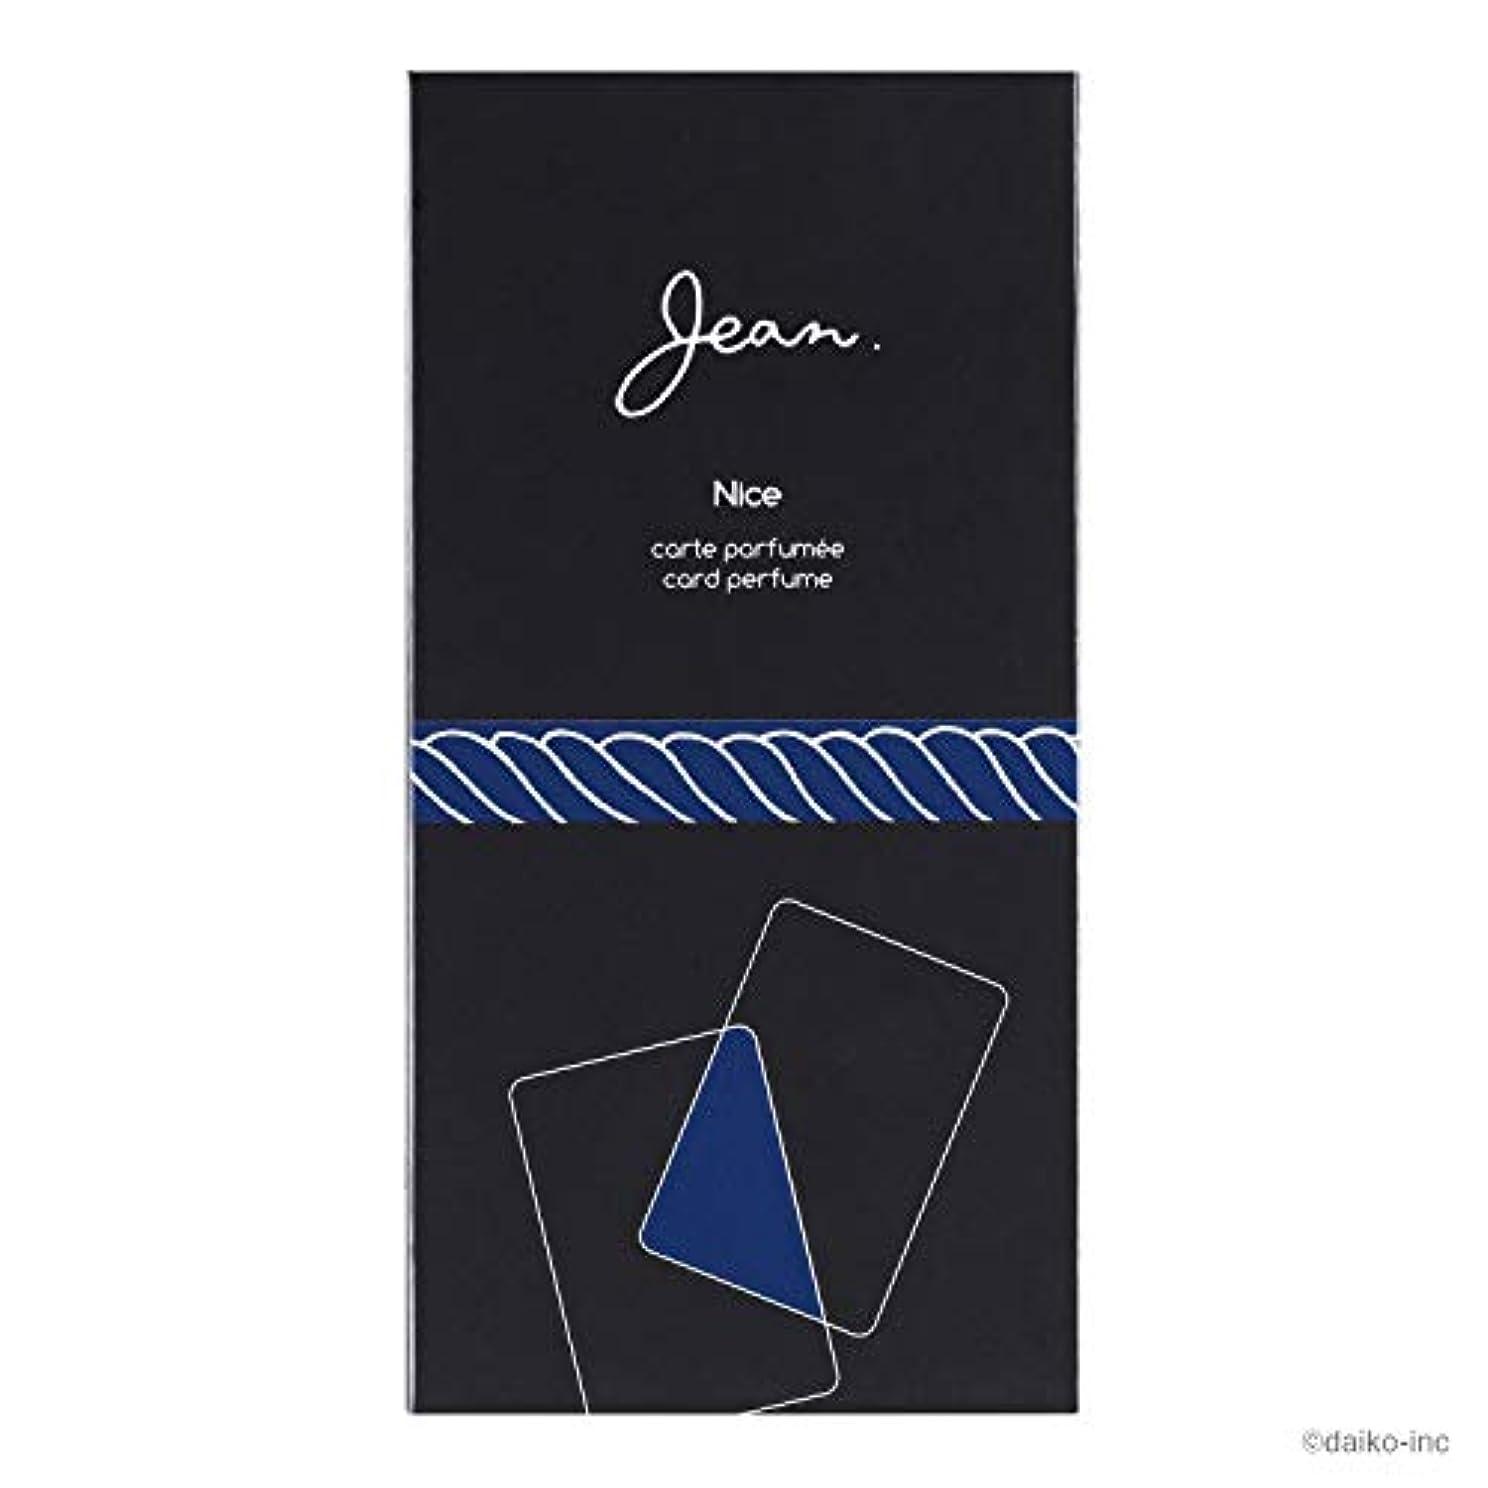 くぼみ小学生宿命Jean.カードパフューム ニース